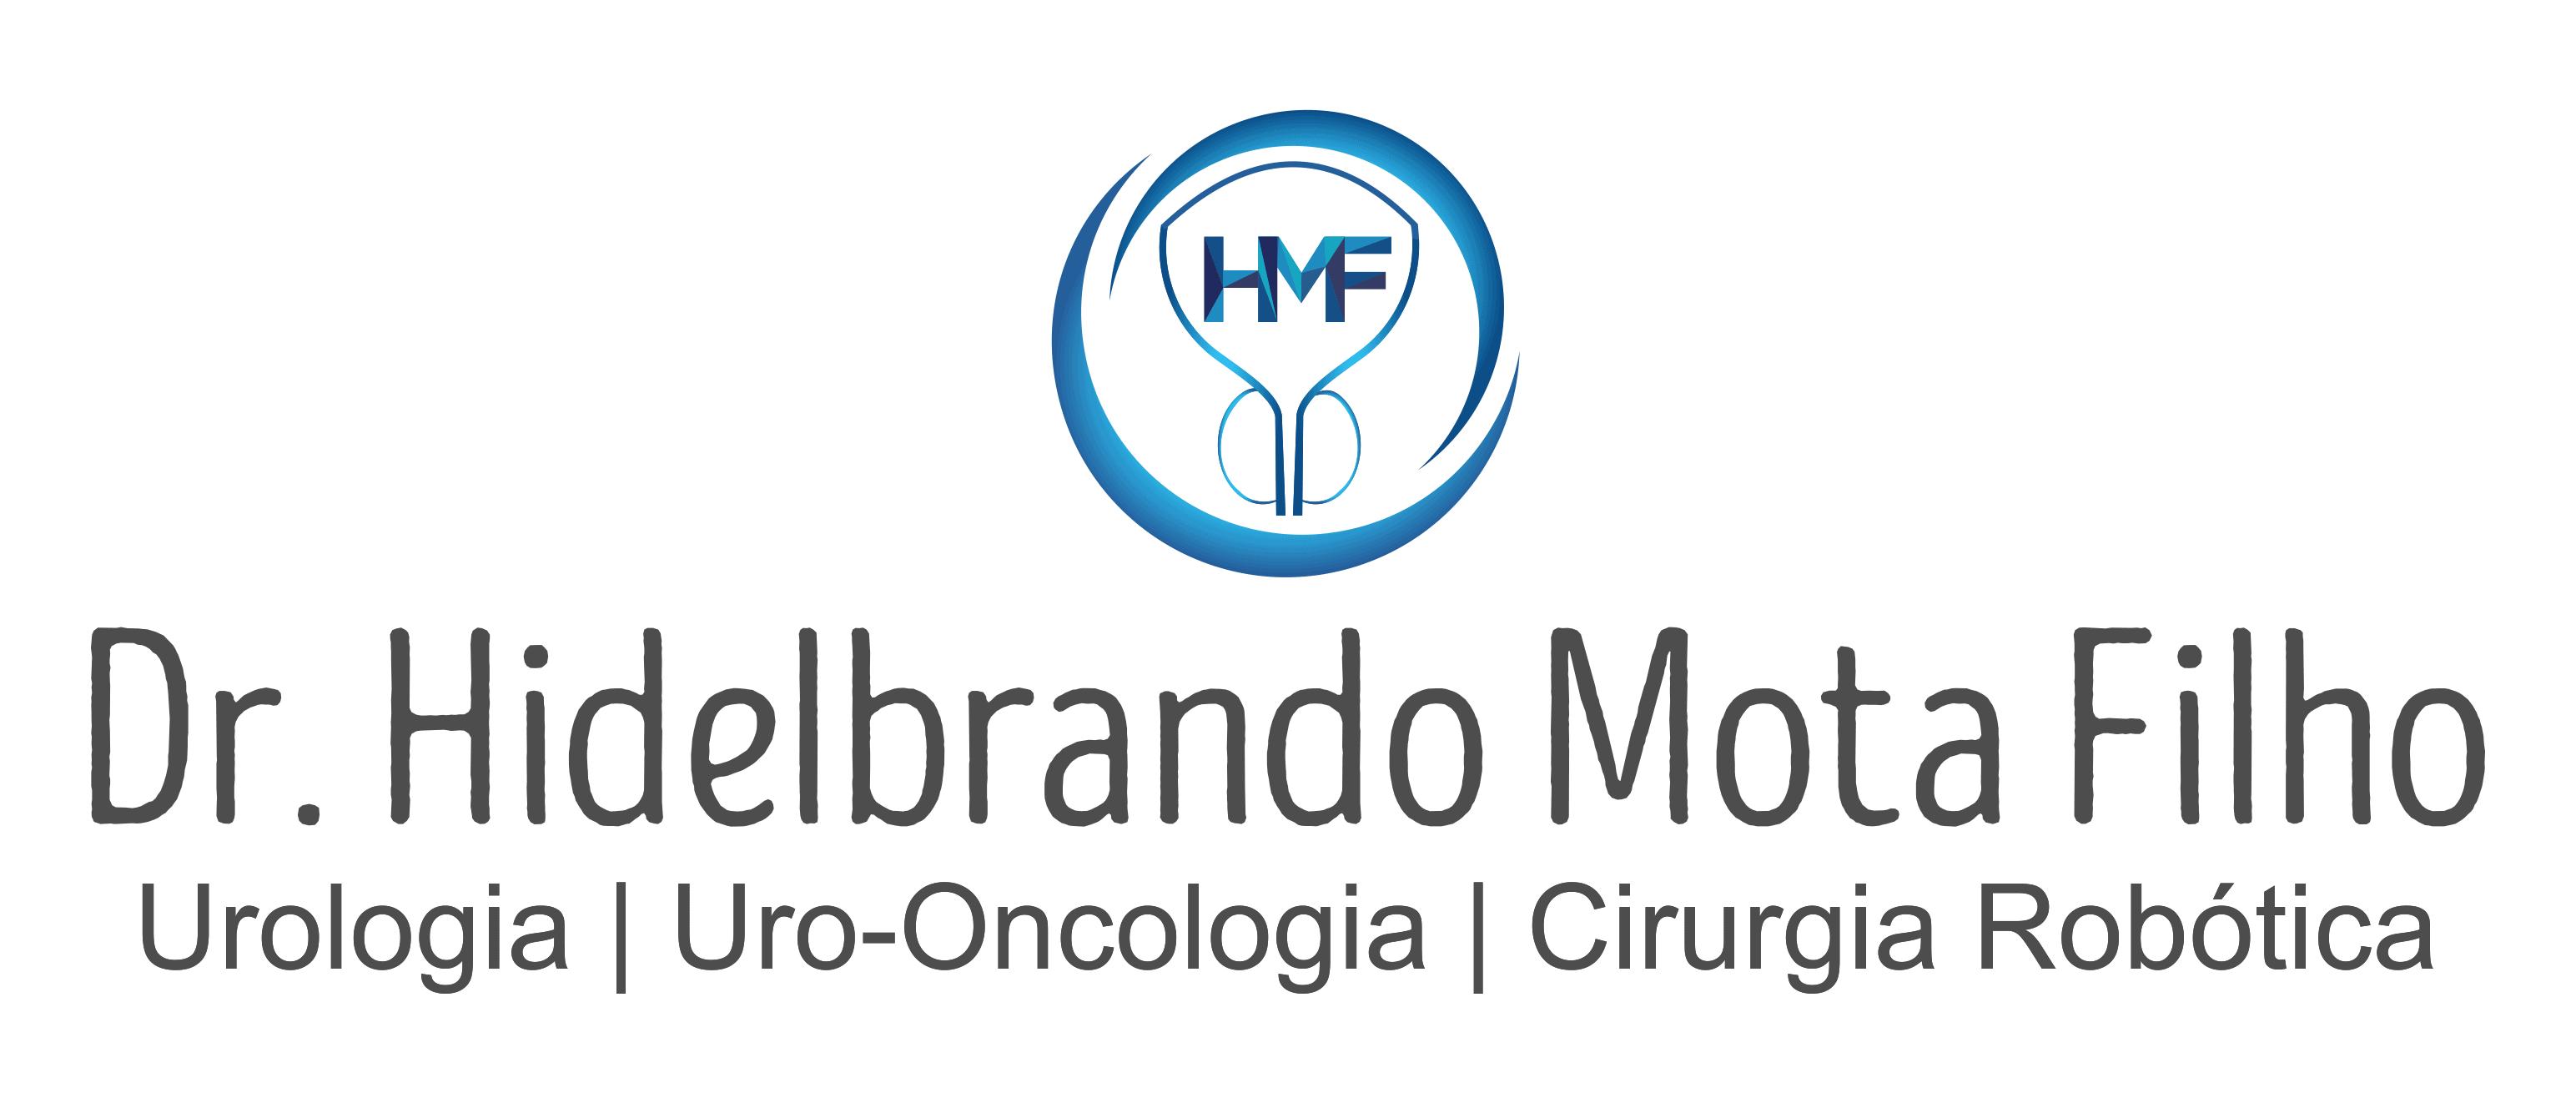 Logo Dr. Hidelbrando Mota Filho